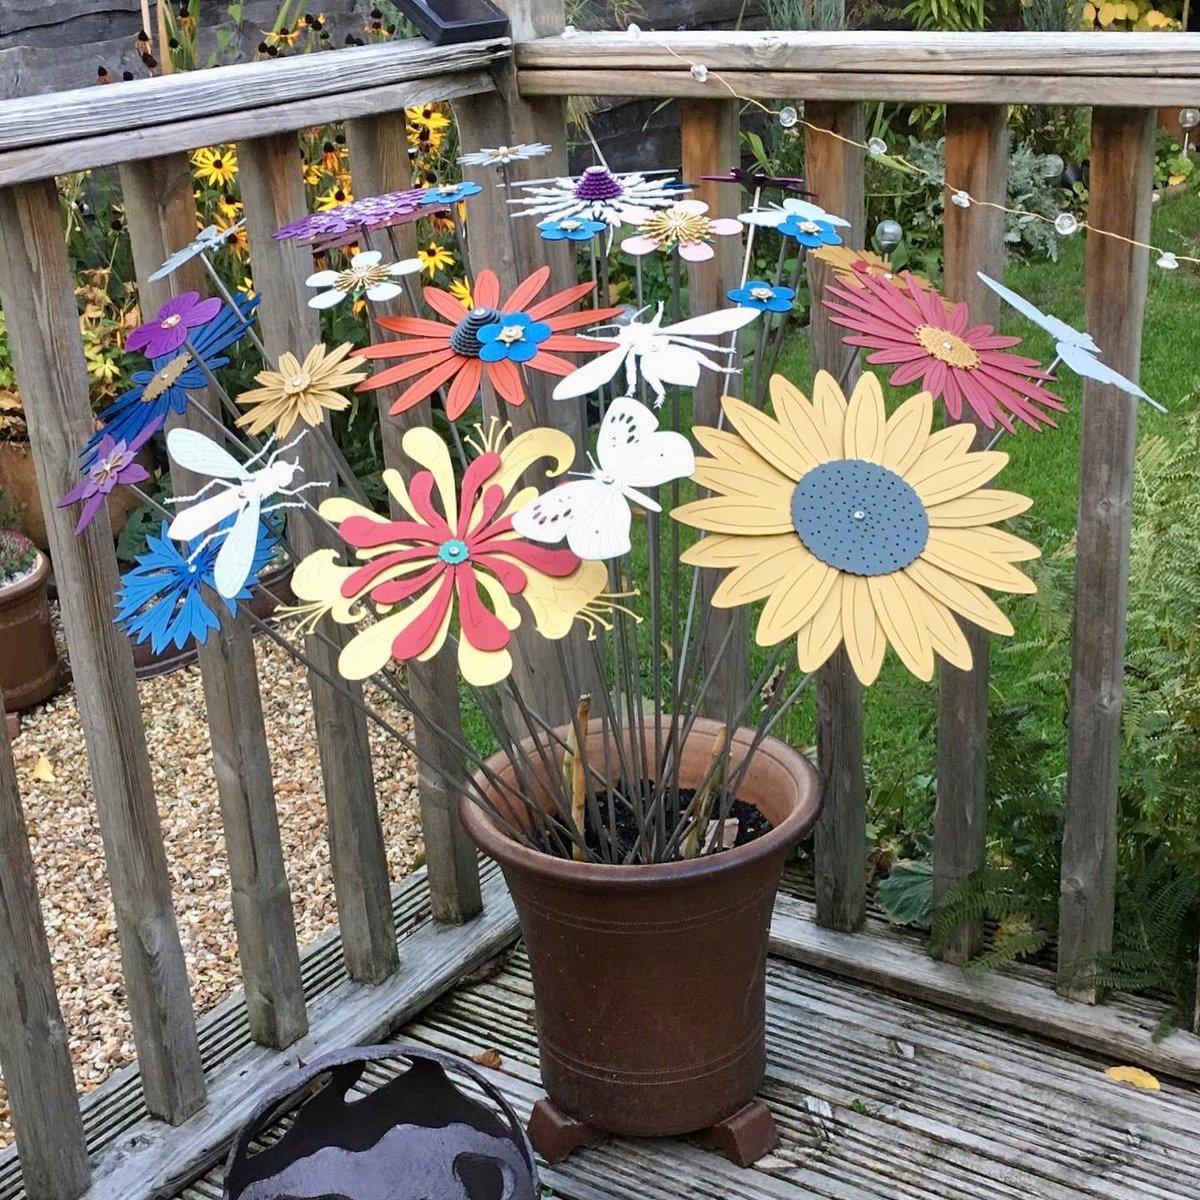 Beautiful bouquet and flowers for all seasons! #flowerbouquet  #gardenart  #metalsculpture  #gardendesign  #sculpture  #flowersculpture  #flowerart  #pollination  #bees  #butterflies  #flowerstem  #flowers  #inspiredbynature_  #gardensculpture  #metalcraft